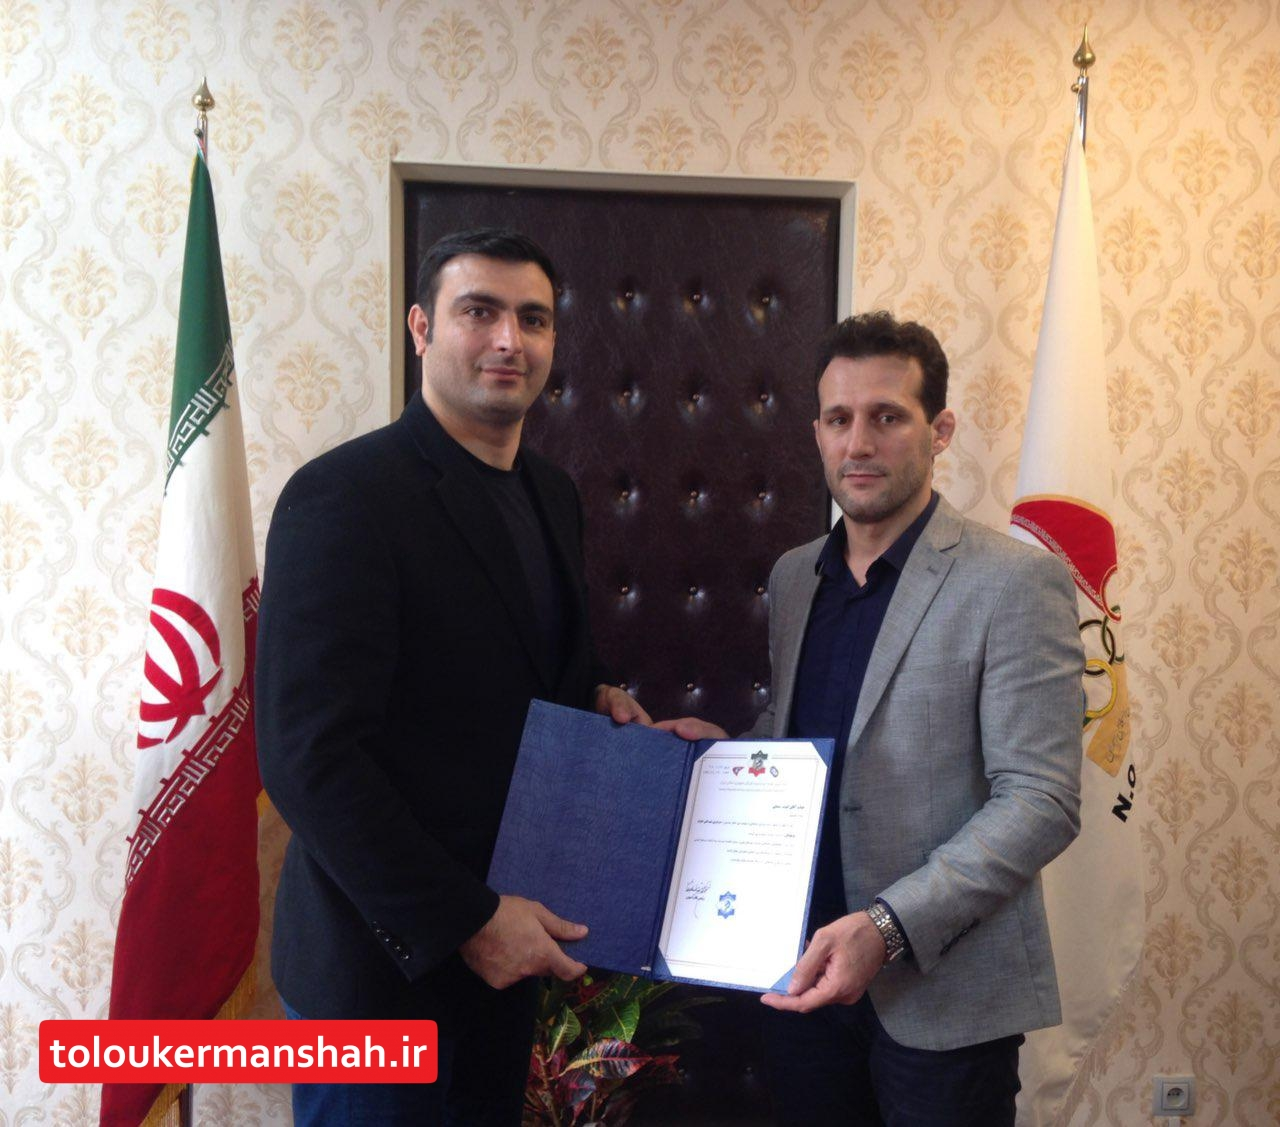 انتصاب «ایوب رستمی» به عنوان سرمربی تیم ملی جودوی نوجوانان ایران